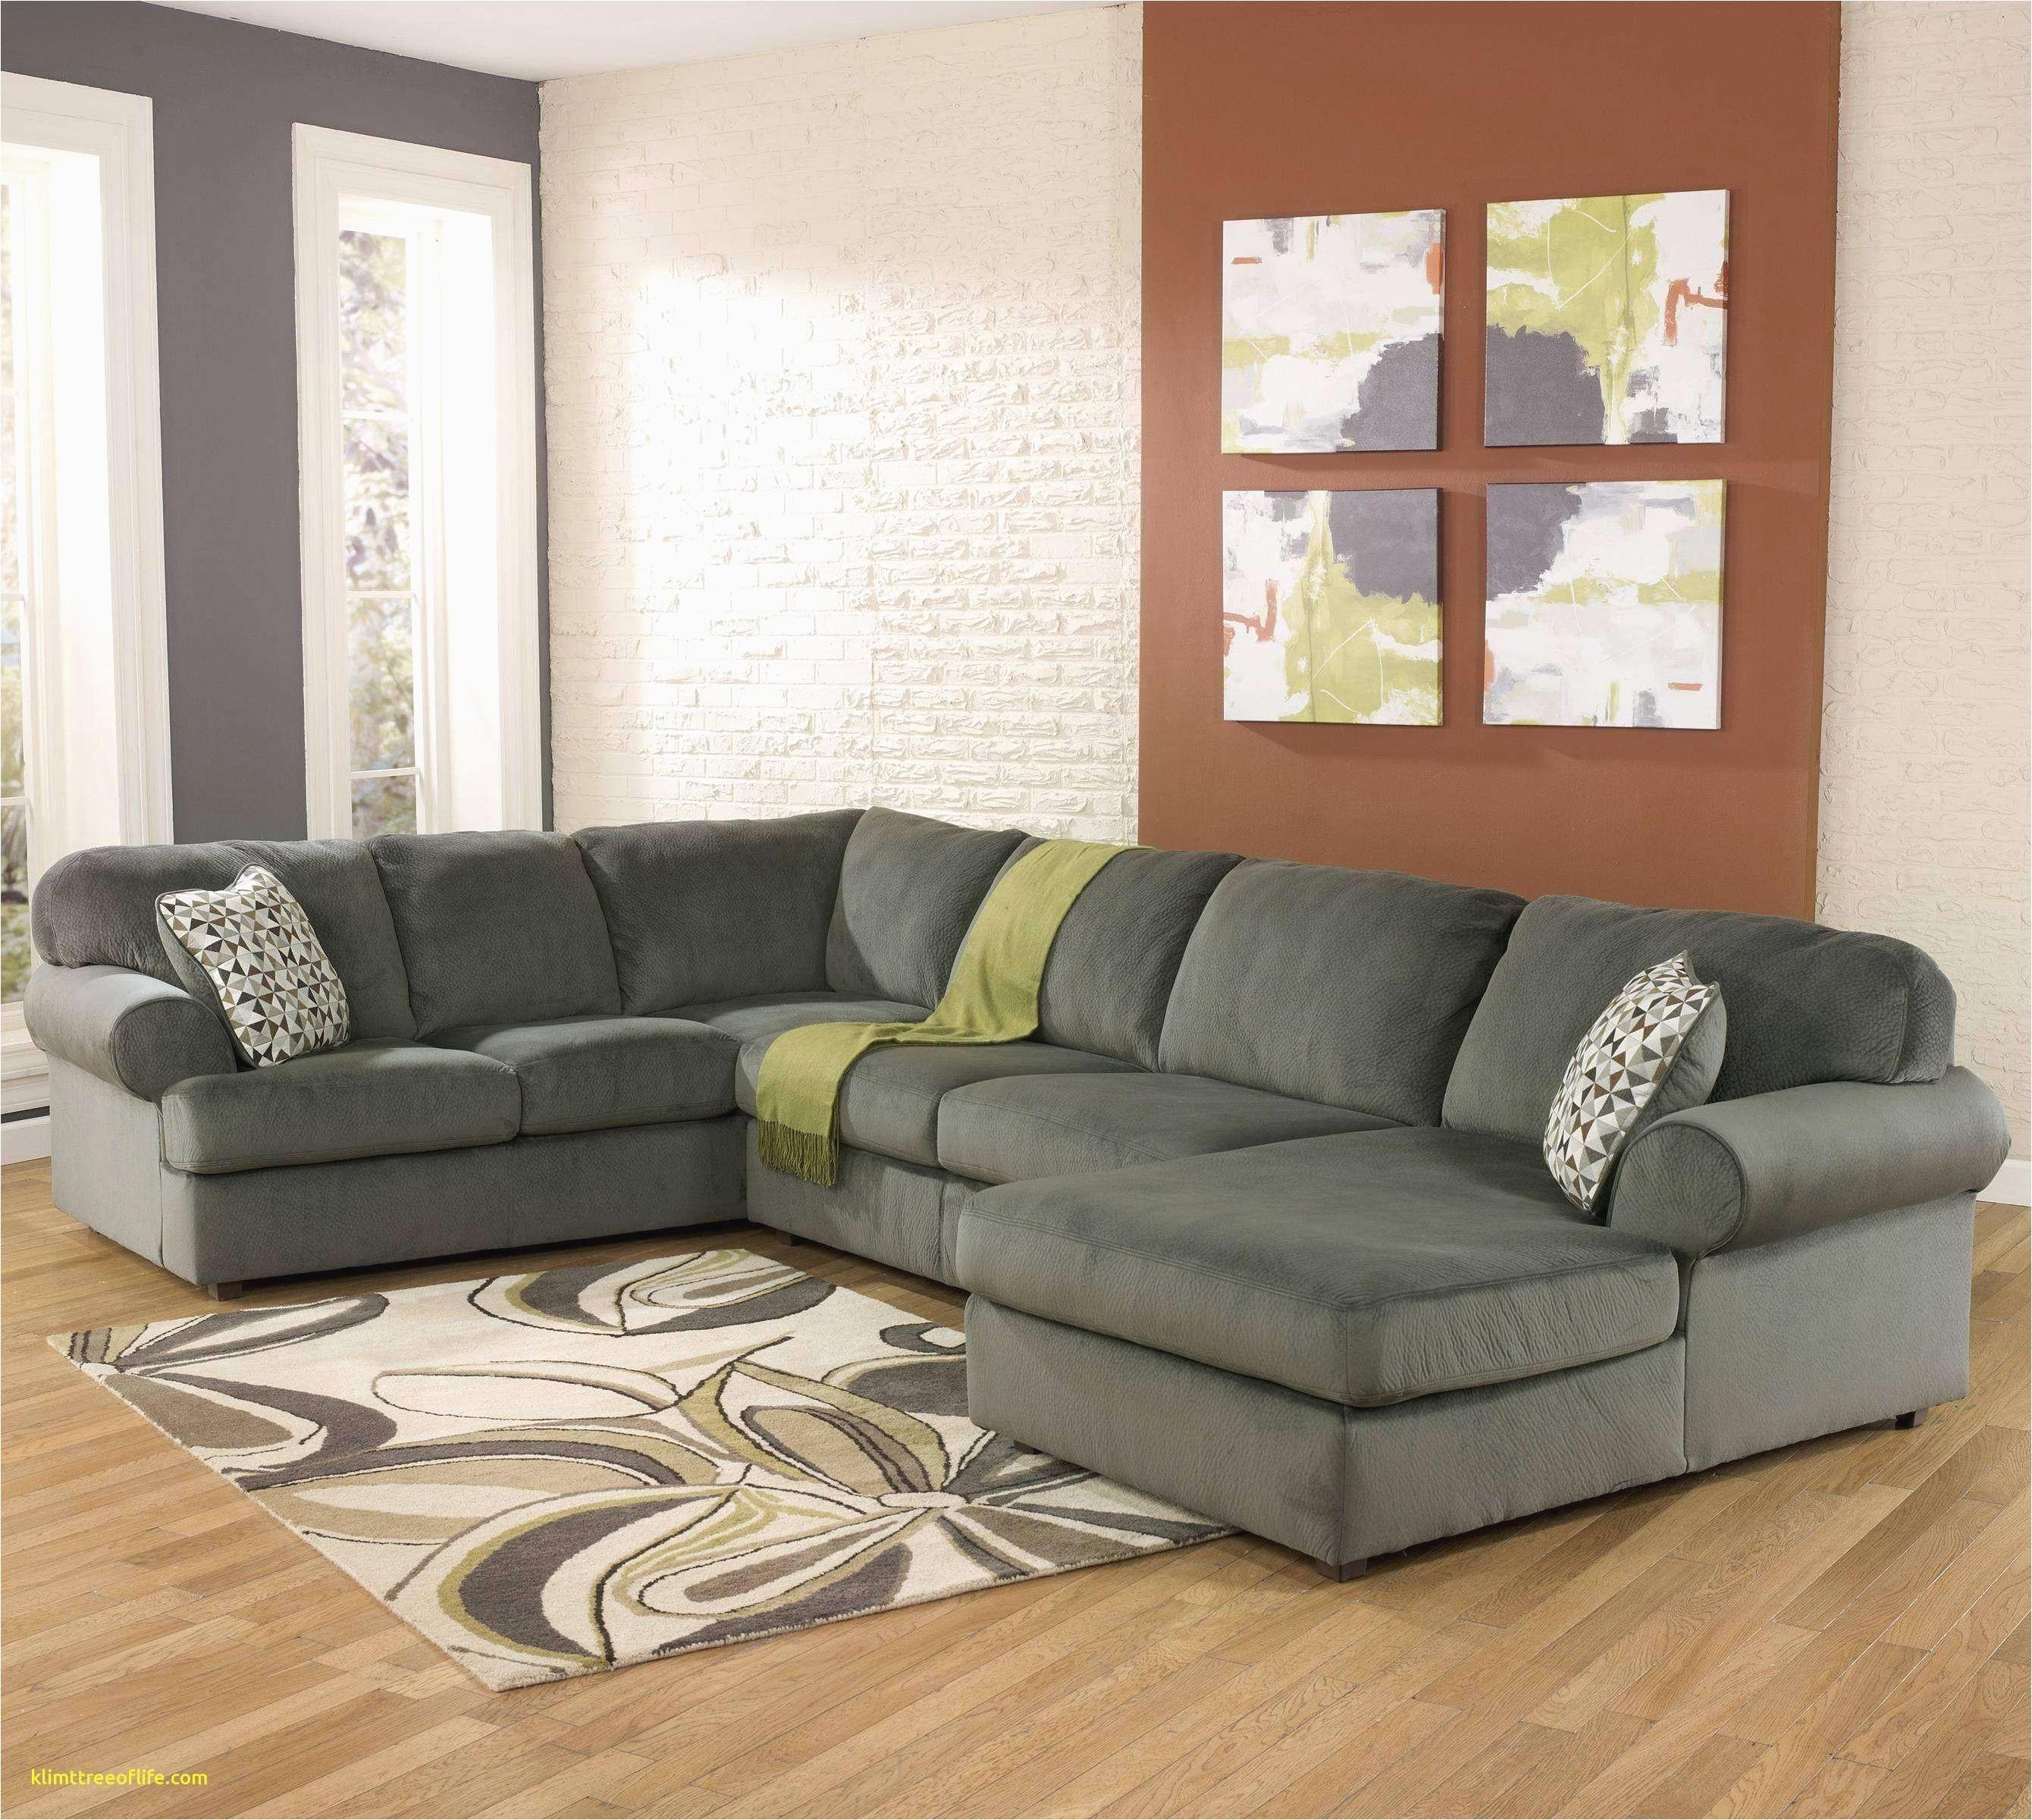 modern sleeper sofa inspirational macys furniture sleeper sofa new gunstige sofa macys furniture 0d